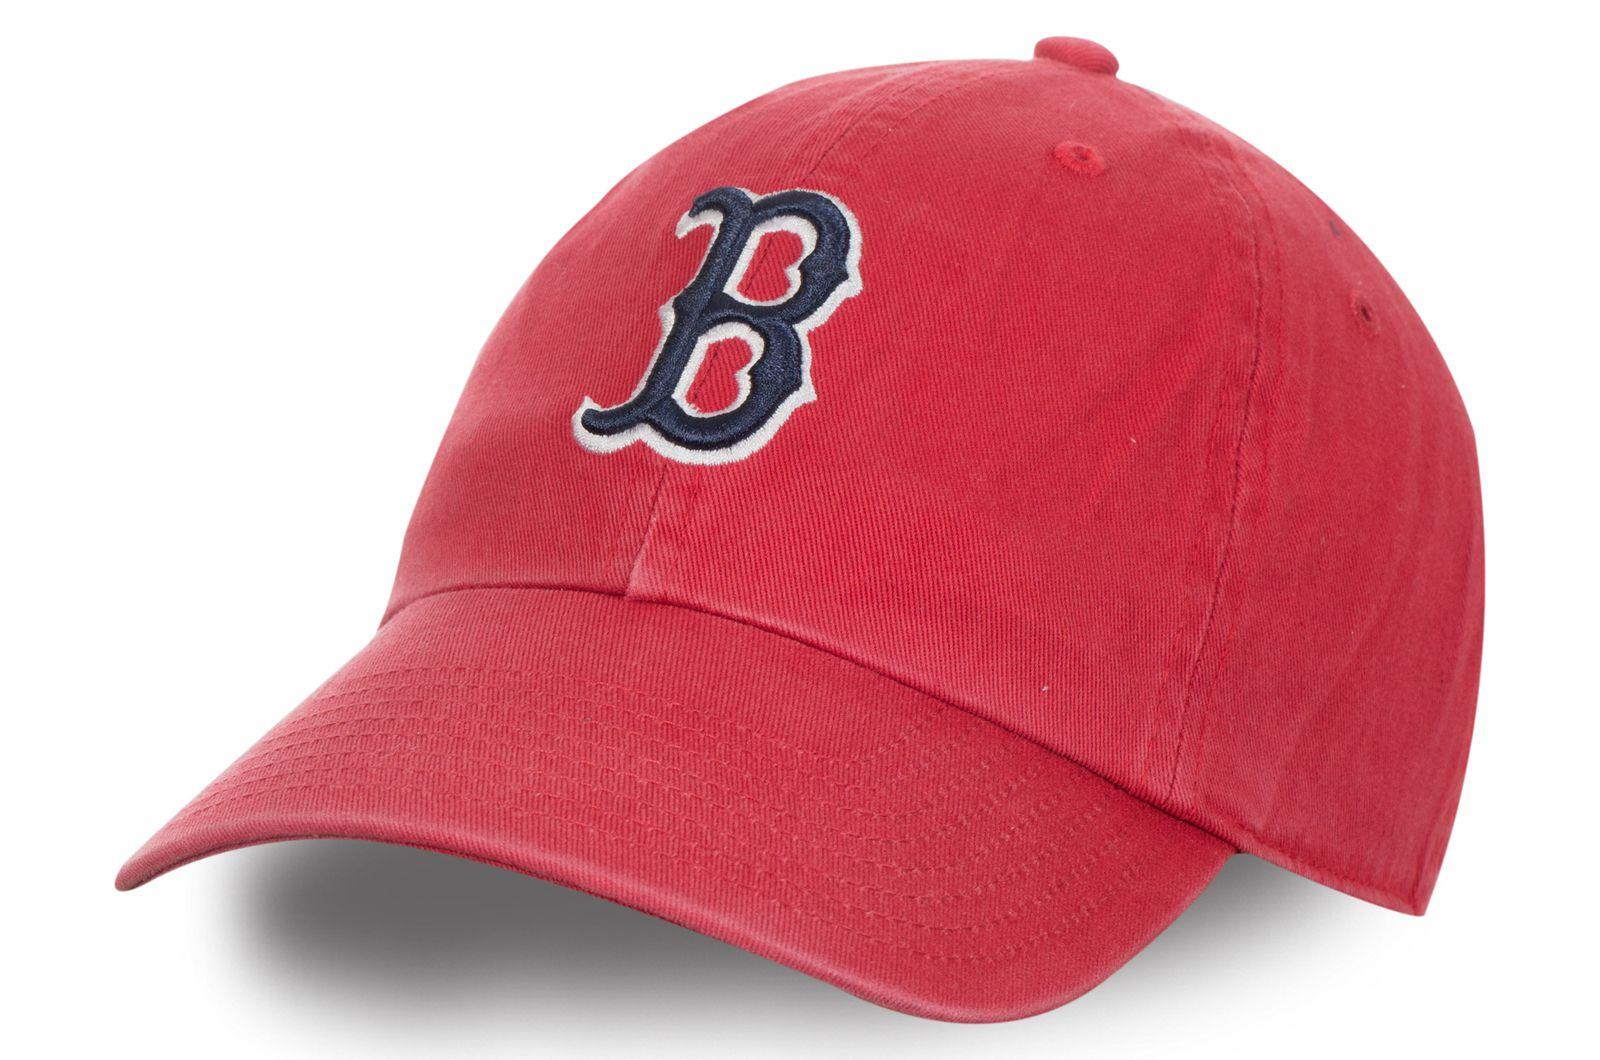 Бейсболка с буквой B - купить по выгодной цене